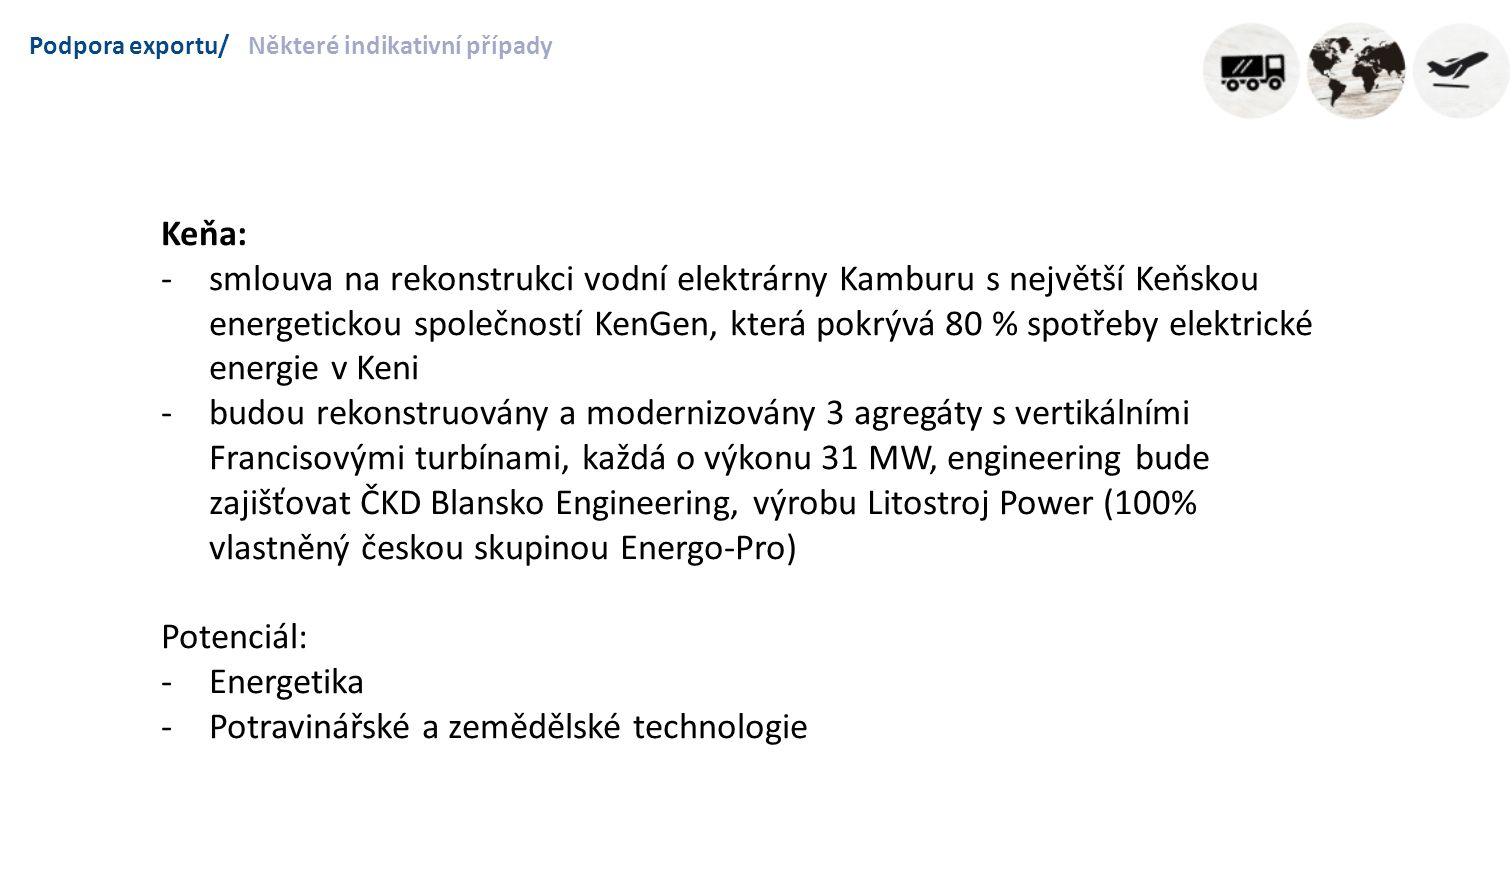 Podpora exportu/Některé indikativní případy Keňa: -smlouva na rekonstrukci vodní elektrárny Kamburu s největší Keňskou energetickou společností KenGen, která pokrývá 80 % spotřeby elektrické energie v Keni -budou rekonstruovány a modernizovány 3 agregáty s vertikálními Francisovými turbínami, každá o výkonu 31 MW, engineering bude zajišťovat ČKD Blansko Engineering, výrobu Litostroj Power (100% vlastněný českou skupinou Energo-Pro) Potenciál: -Energetika -Potravinářské a zemědělské technologie